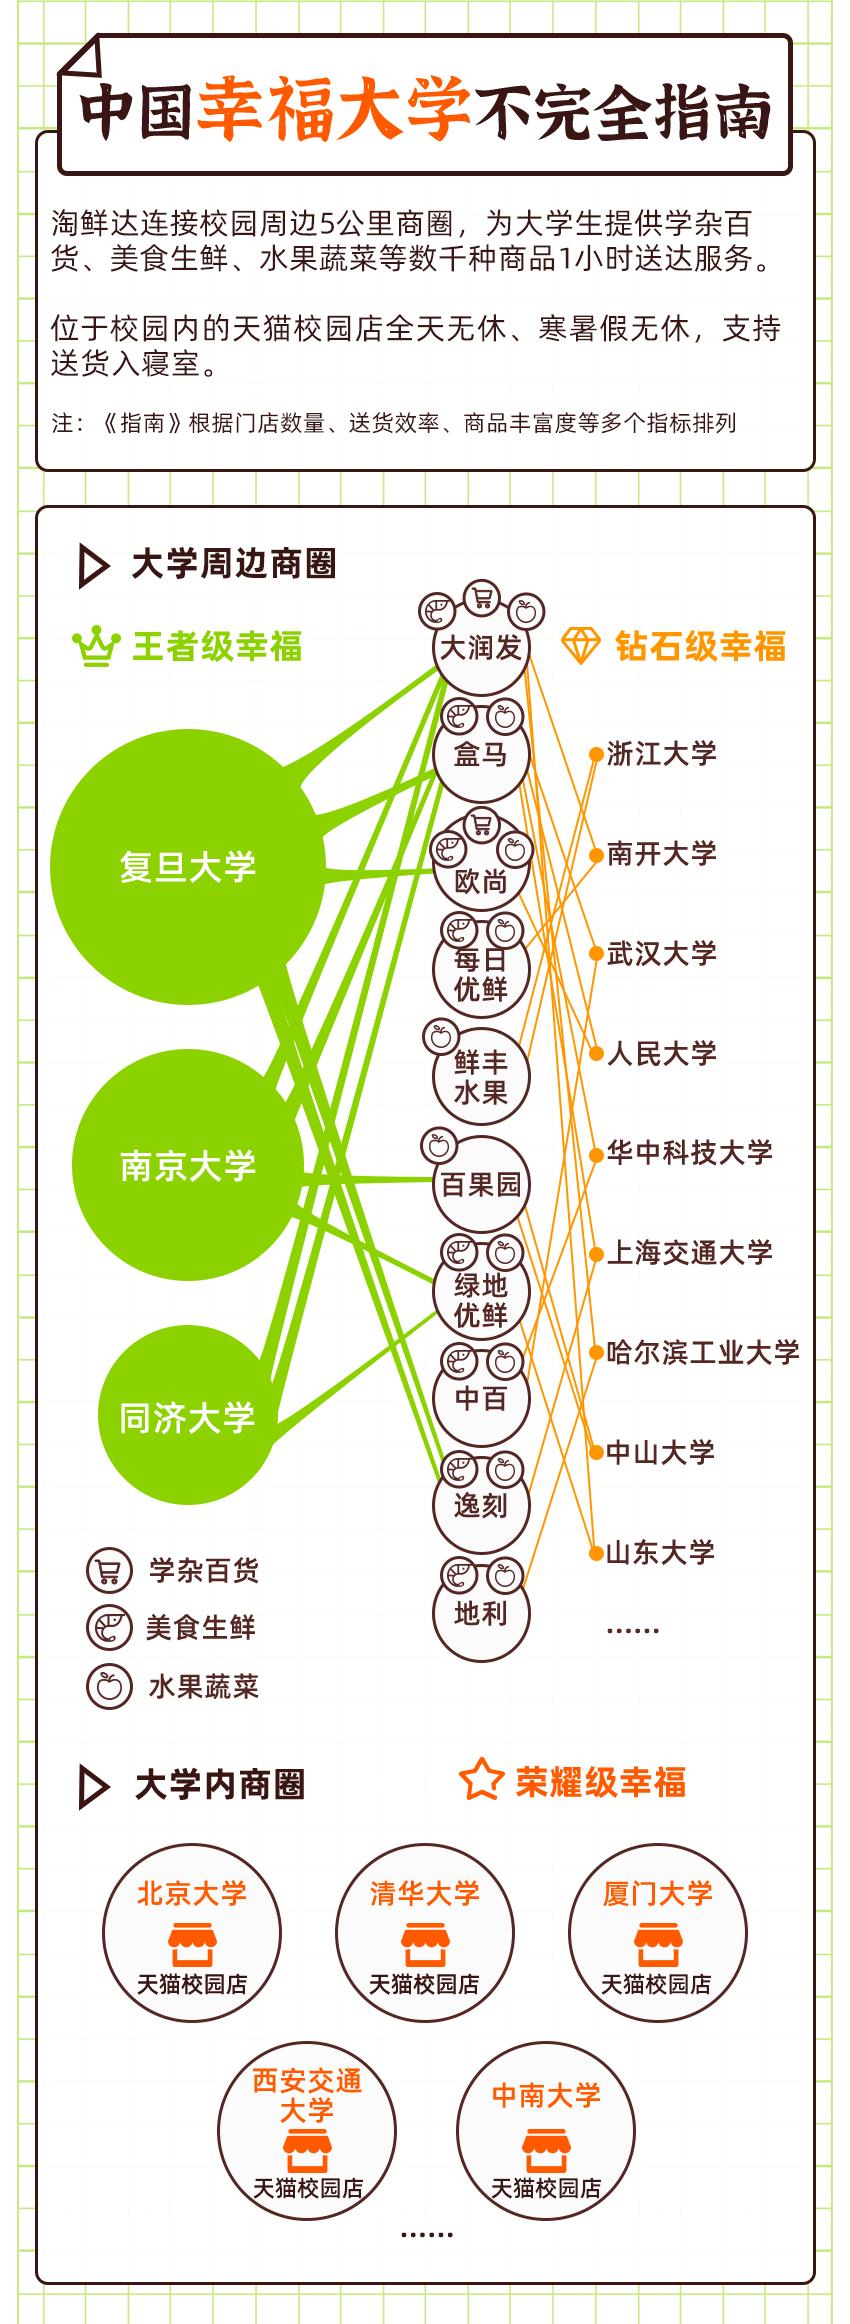 加迪威龙淘鲜达发布《2020中国幸福大学不